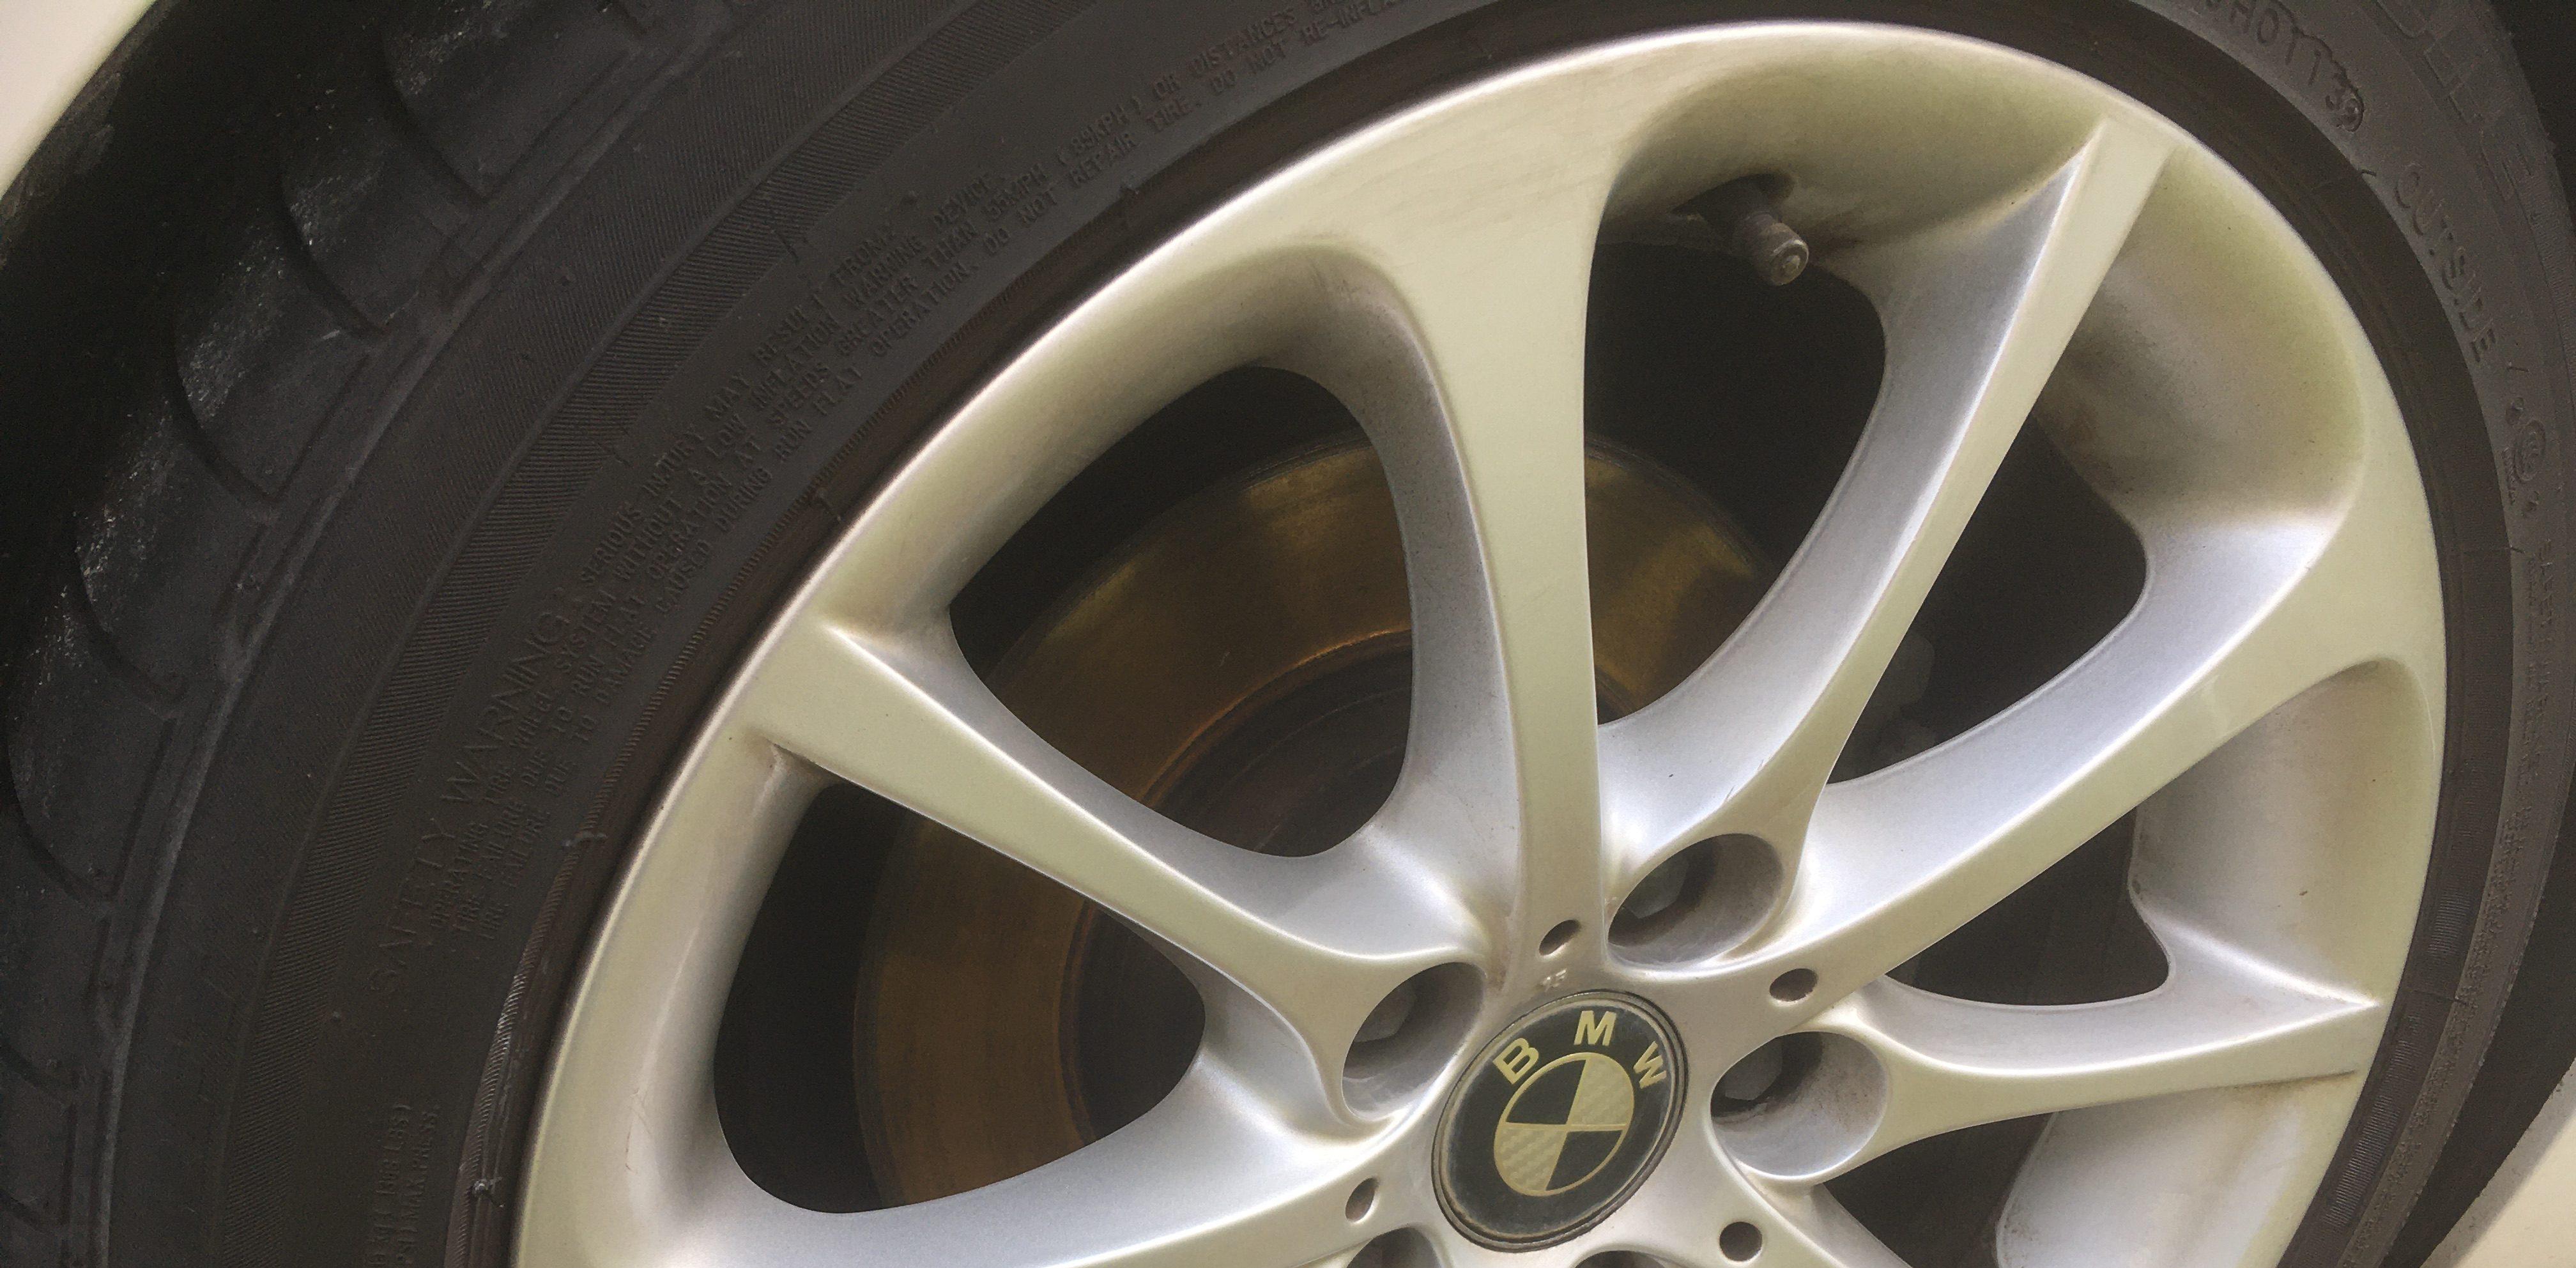 BMWのZ4に標準装備されているタイヤ